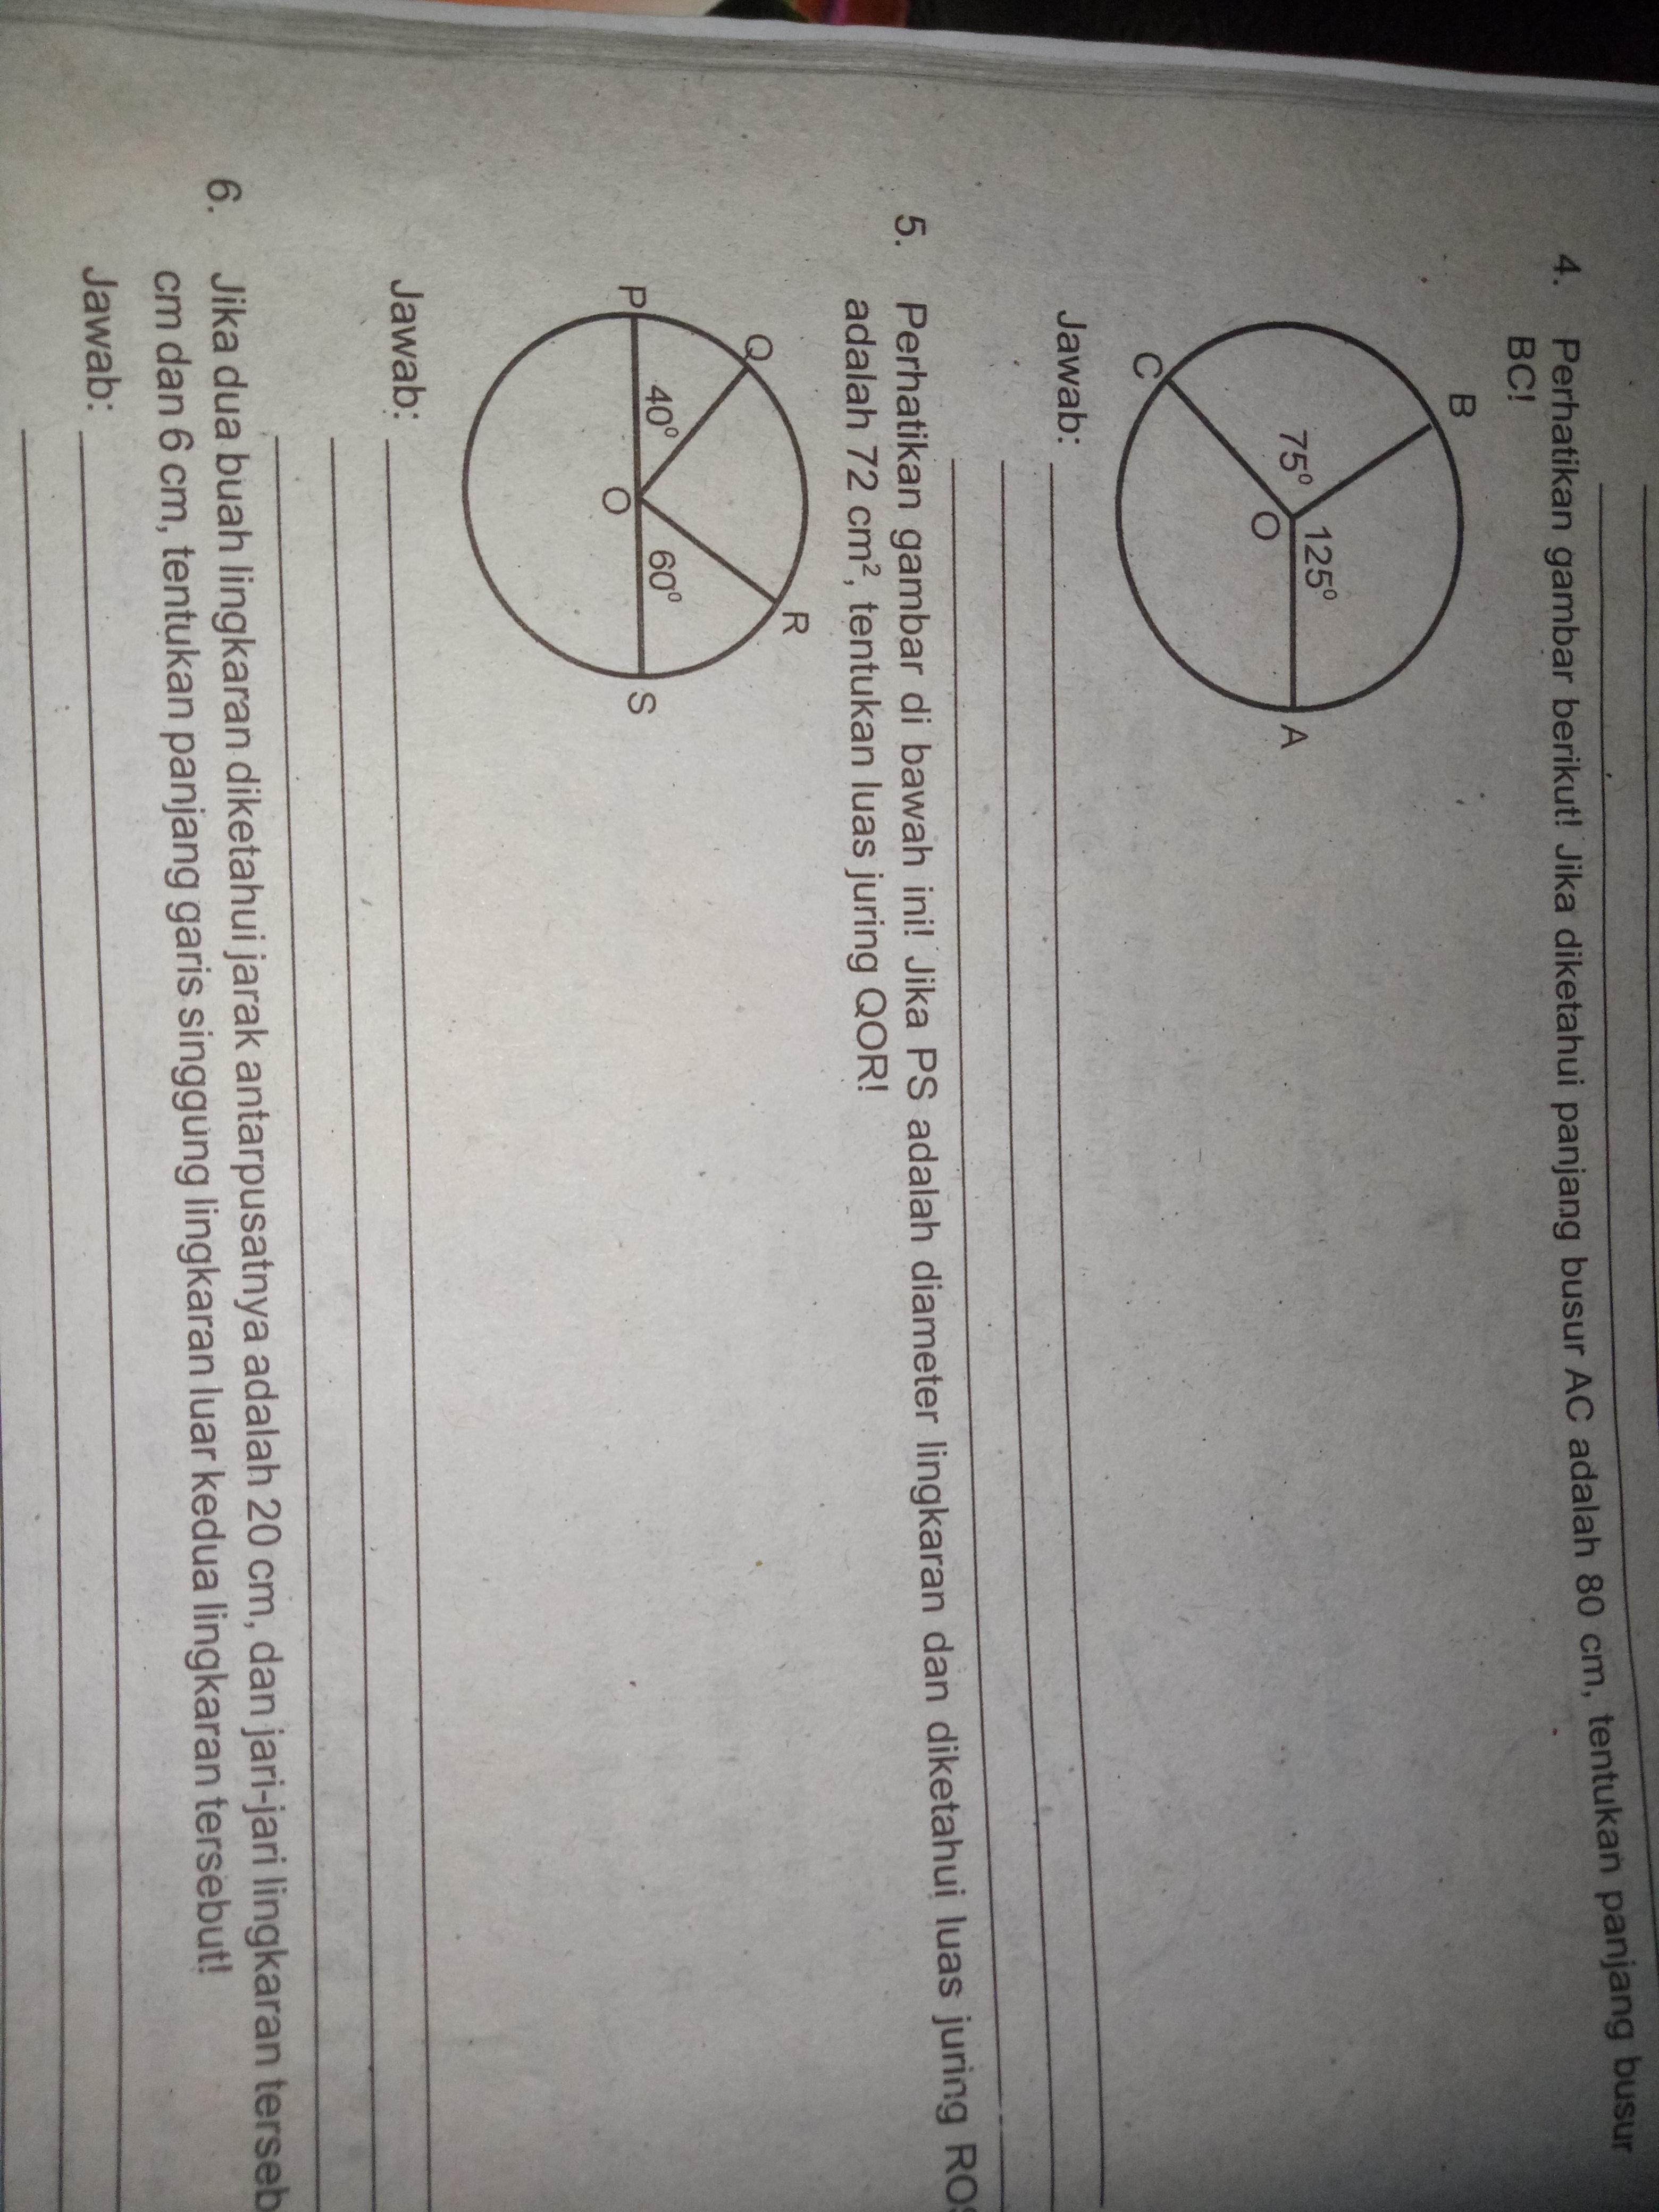 Perhatikan gambar di bawah ini! Jika ps adalah diameter ...